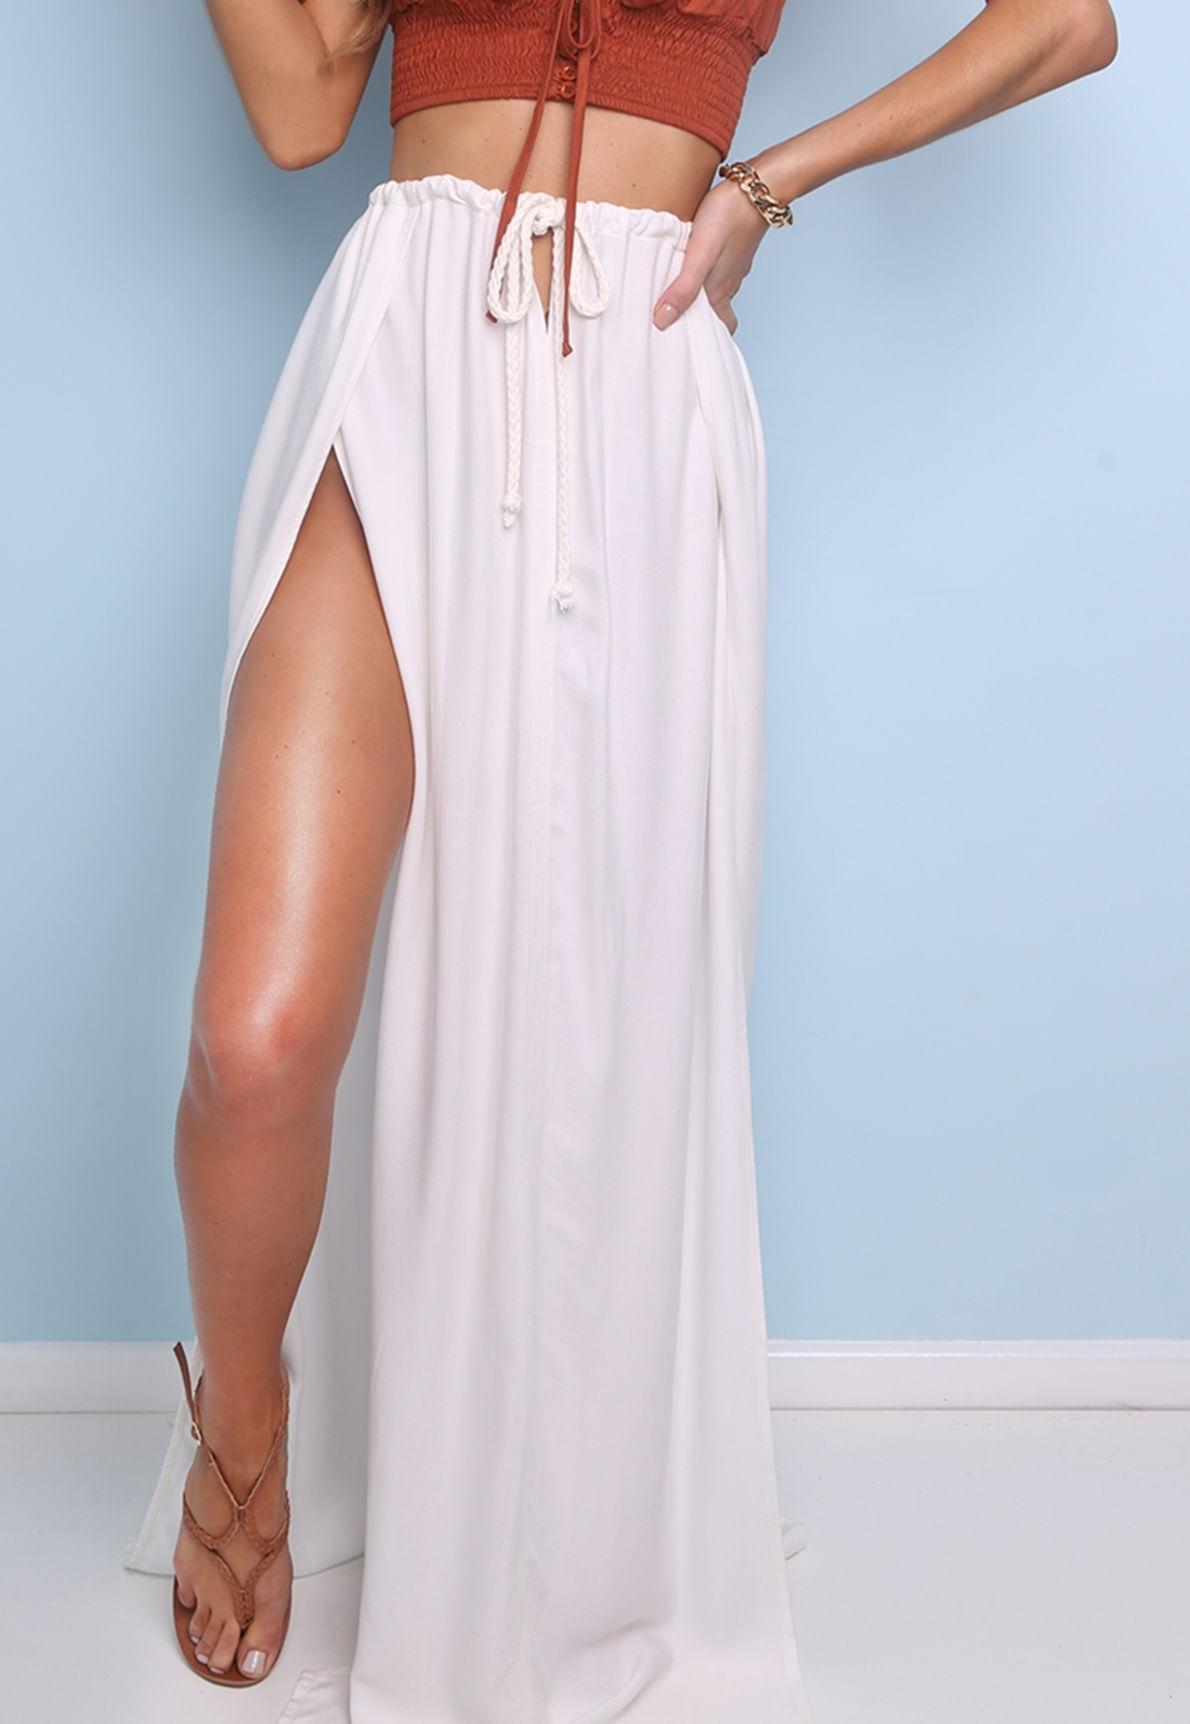 27508-saia-longa-fendas-off-white-alice-mundo-lolita-03